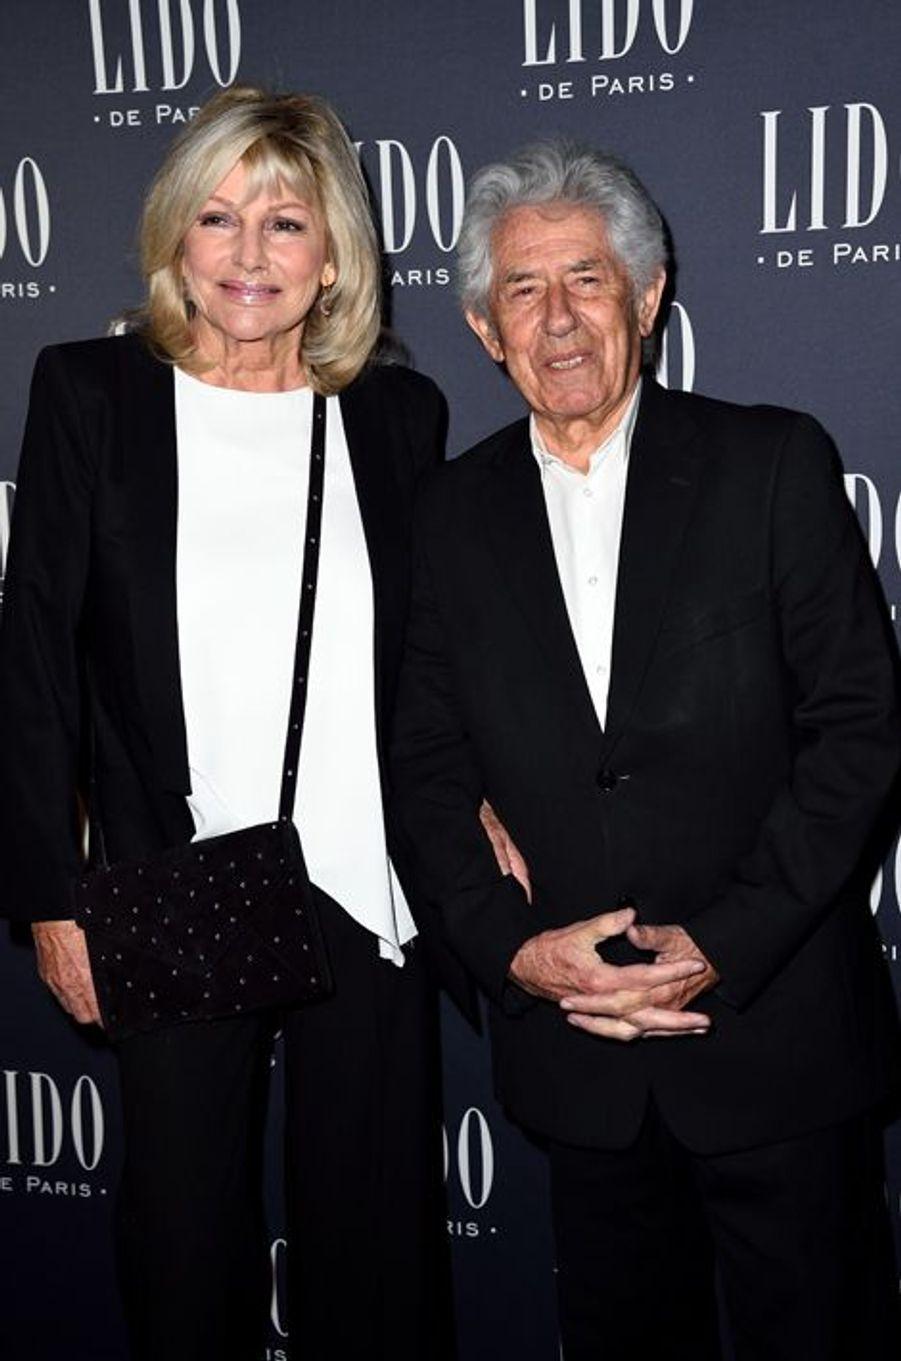 Maryse et Philippe Gildas à Paris le 8 avril 2015